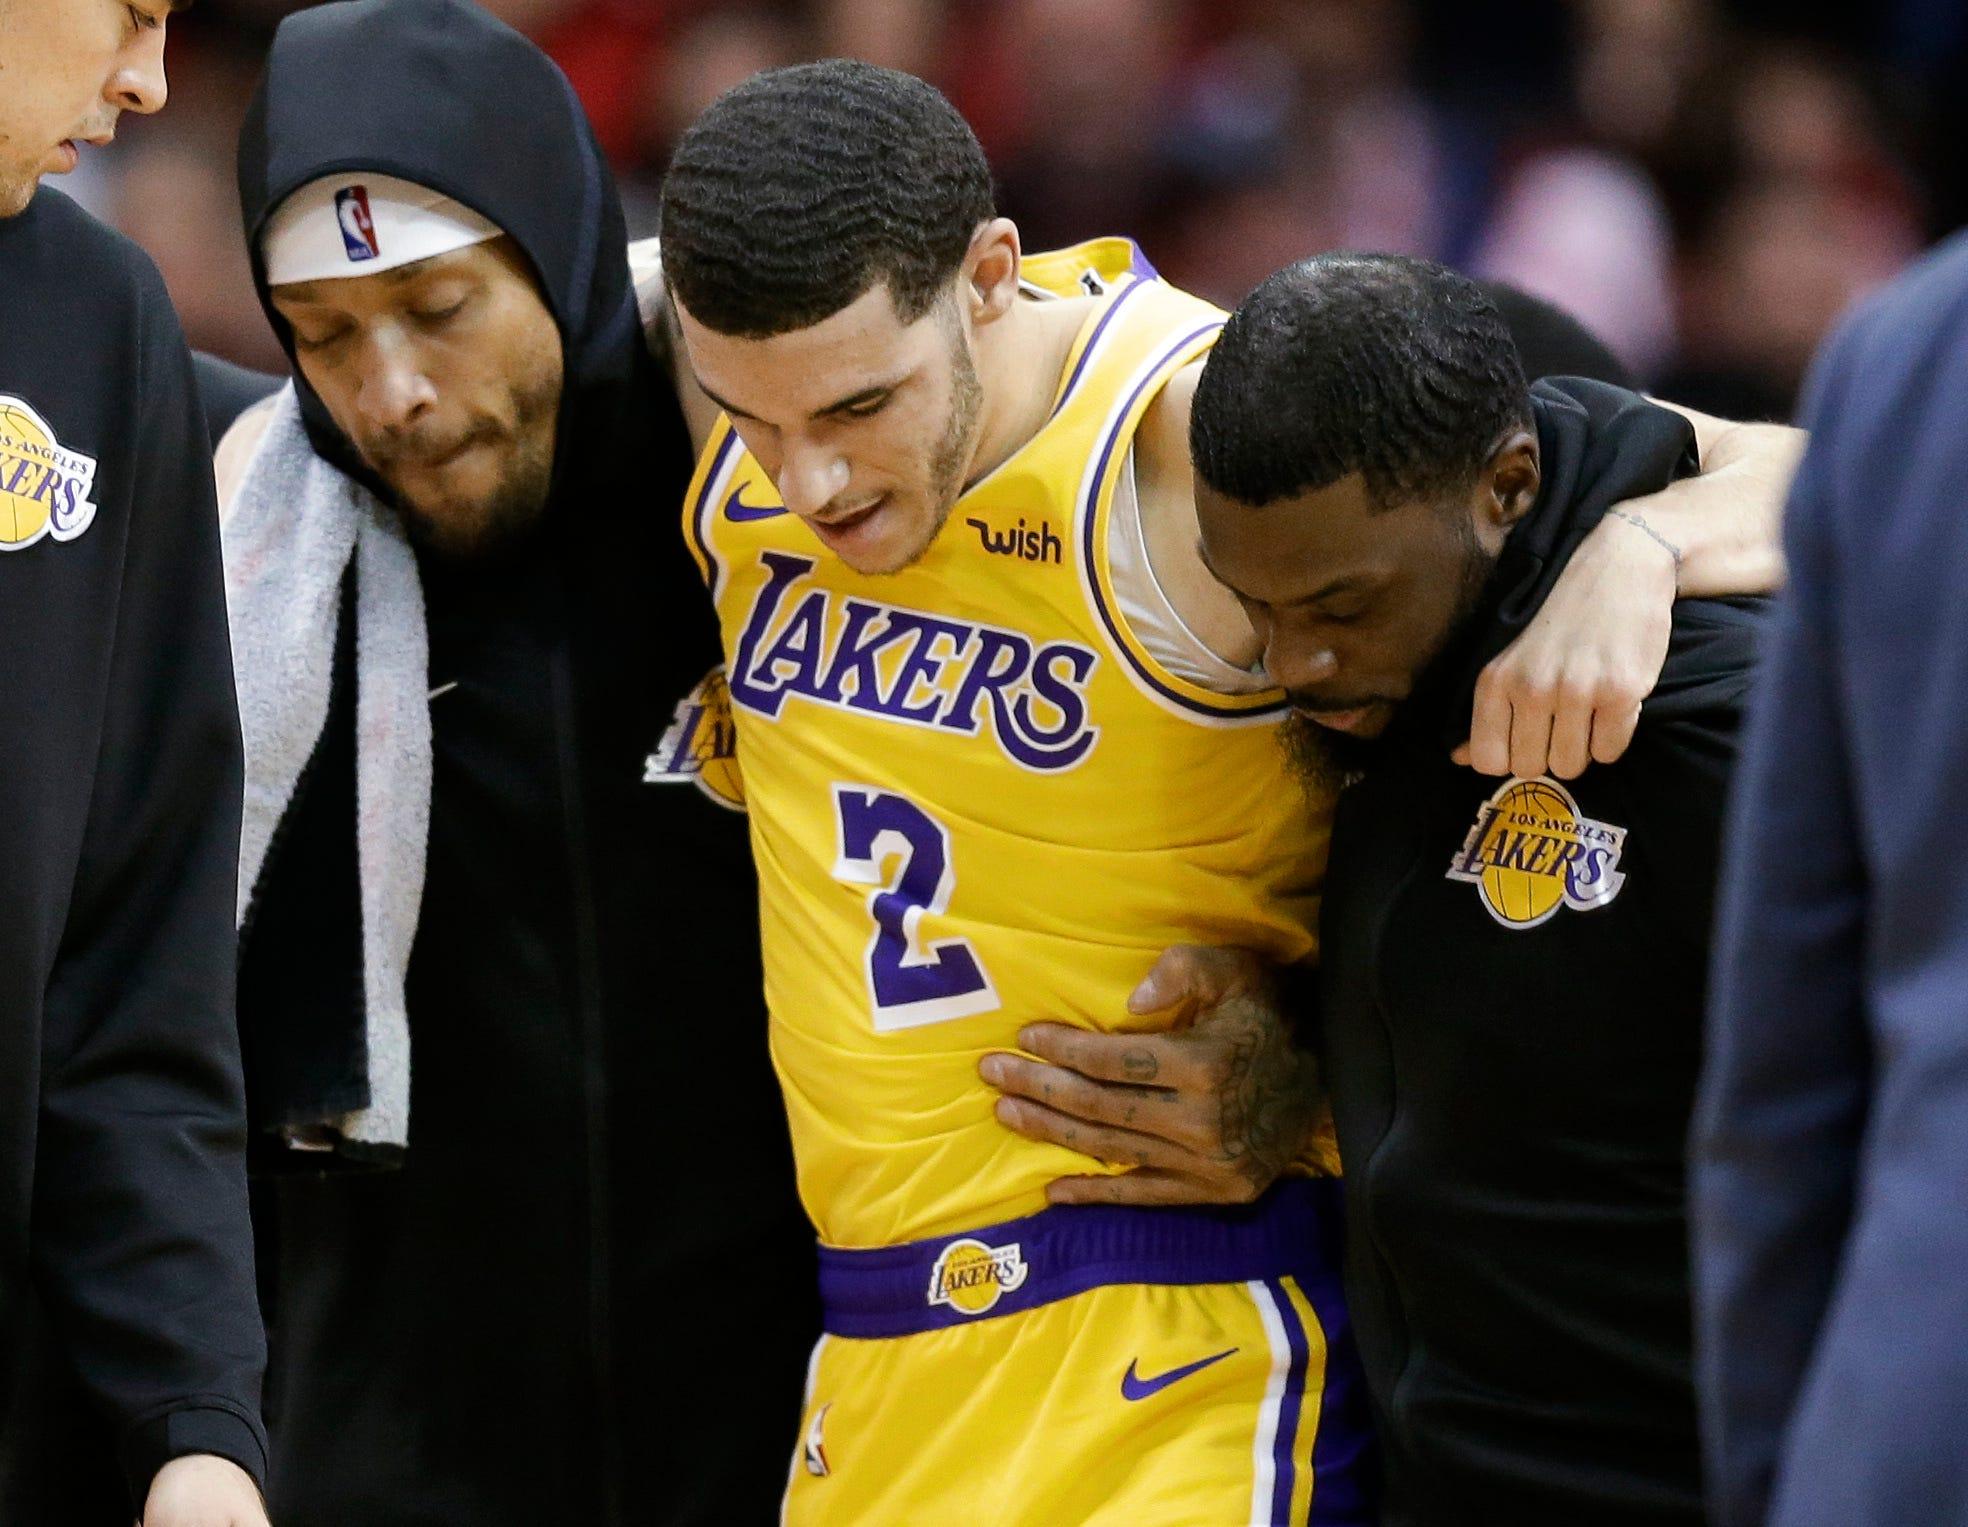 Harden scores 48 points, Rockets beat Lakers 138-134 in OT